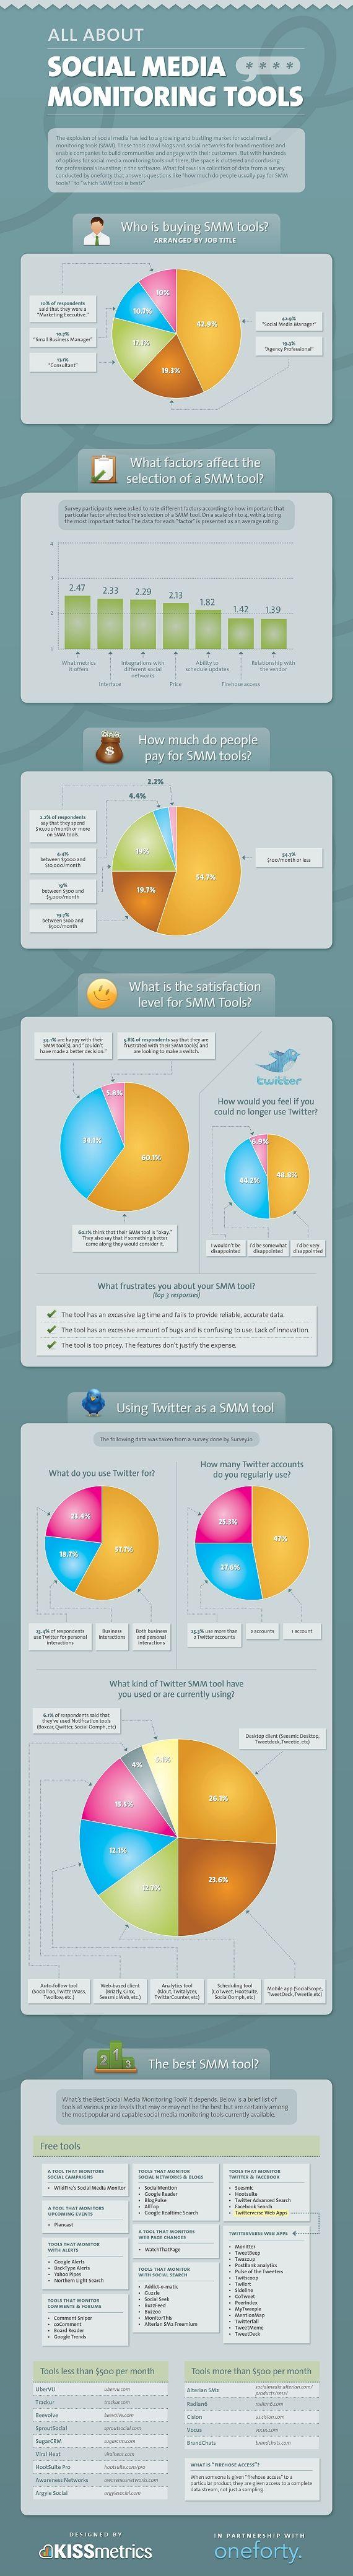 Social Media Monitoring Tools - an explanation